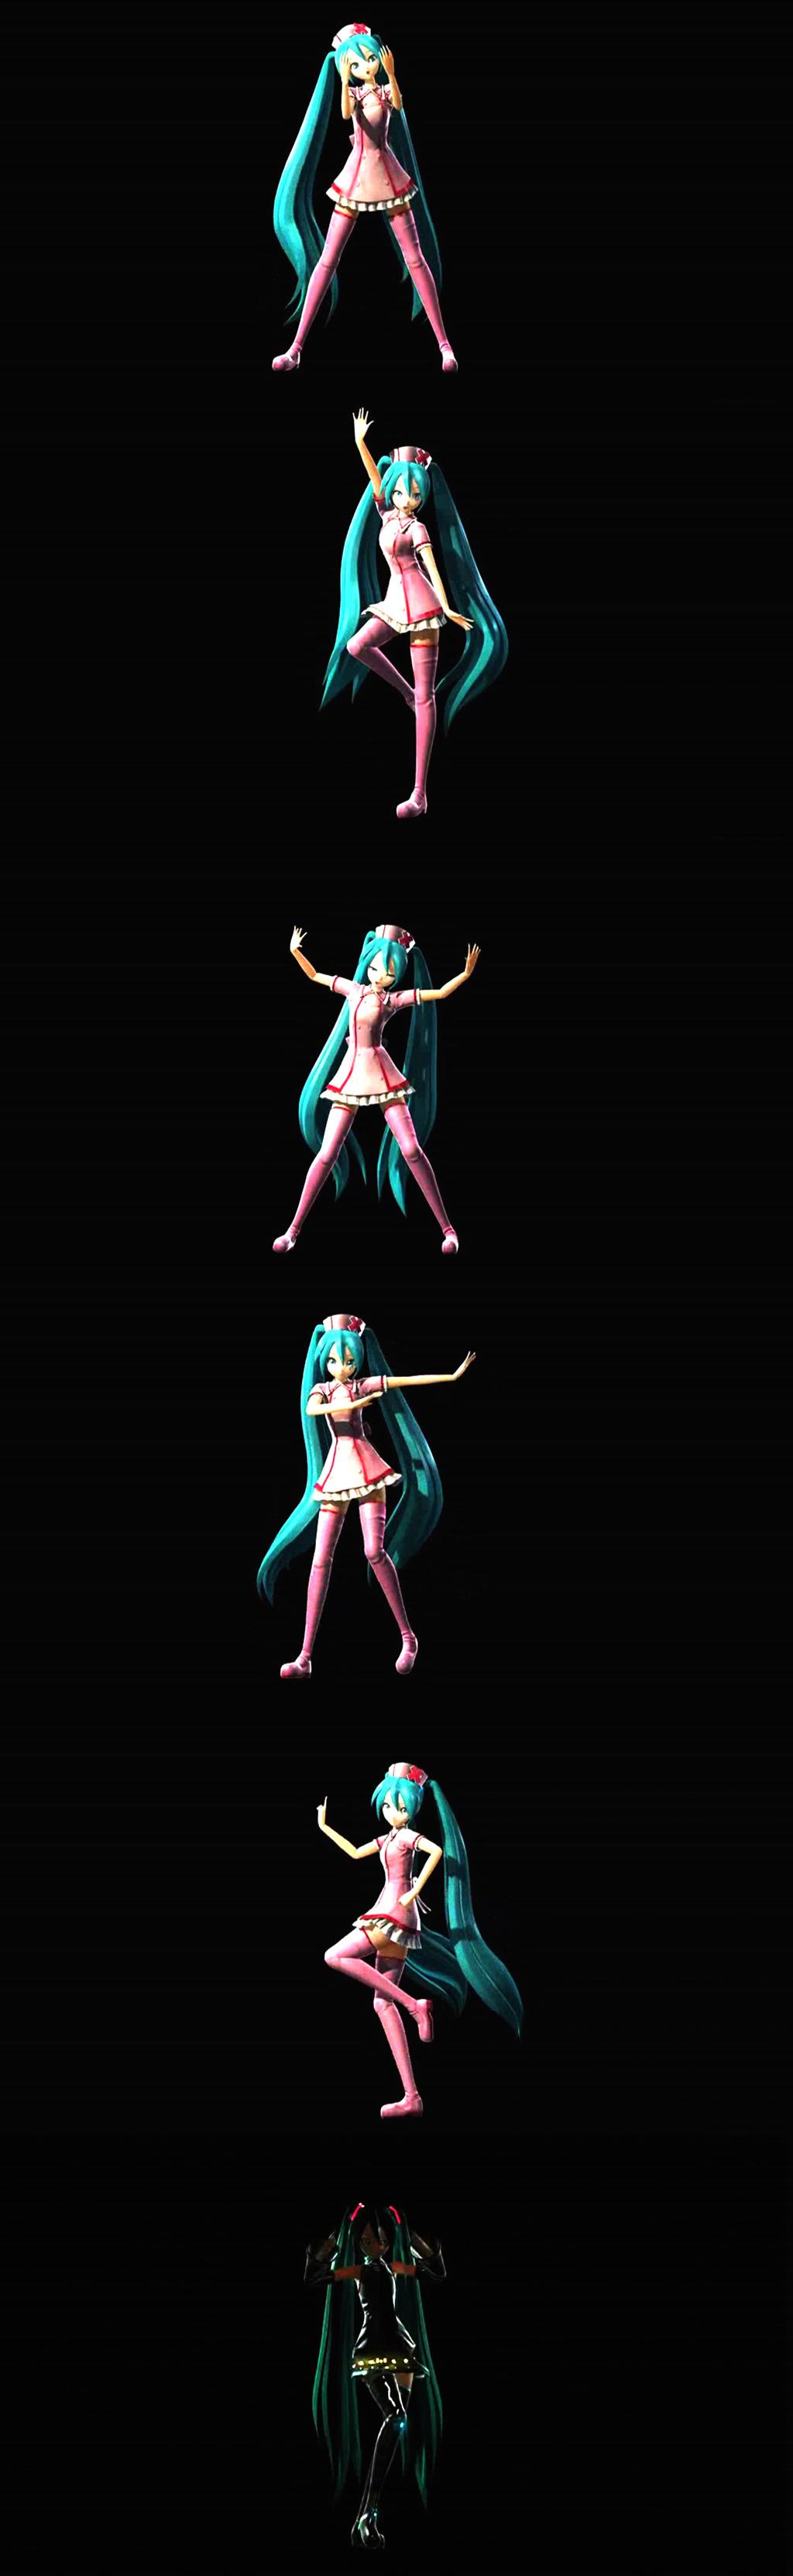 超清卡通3d女孩跳舞视频